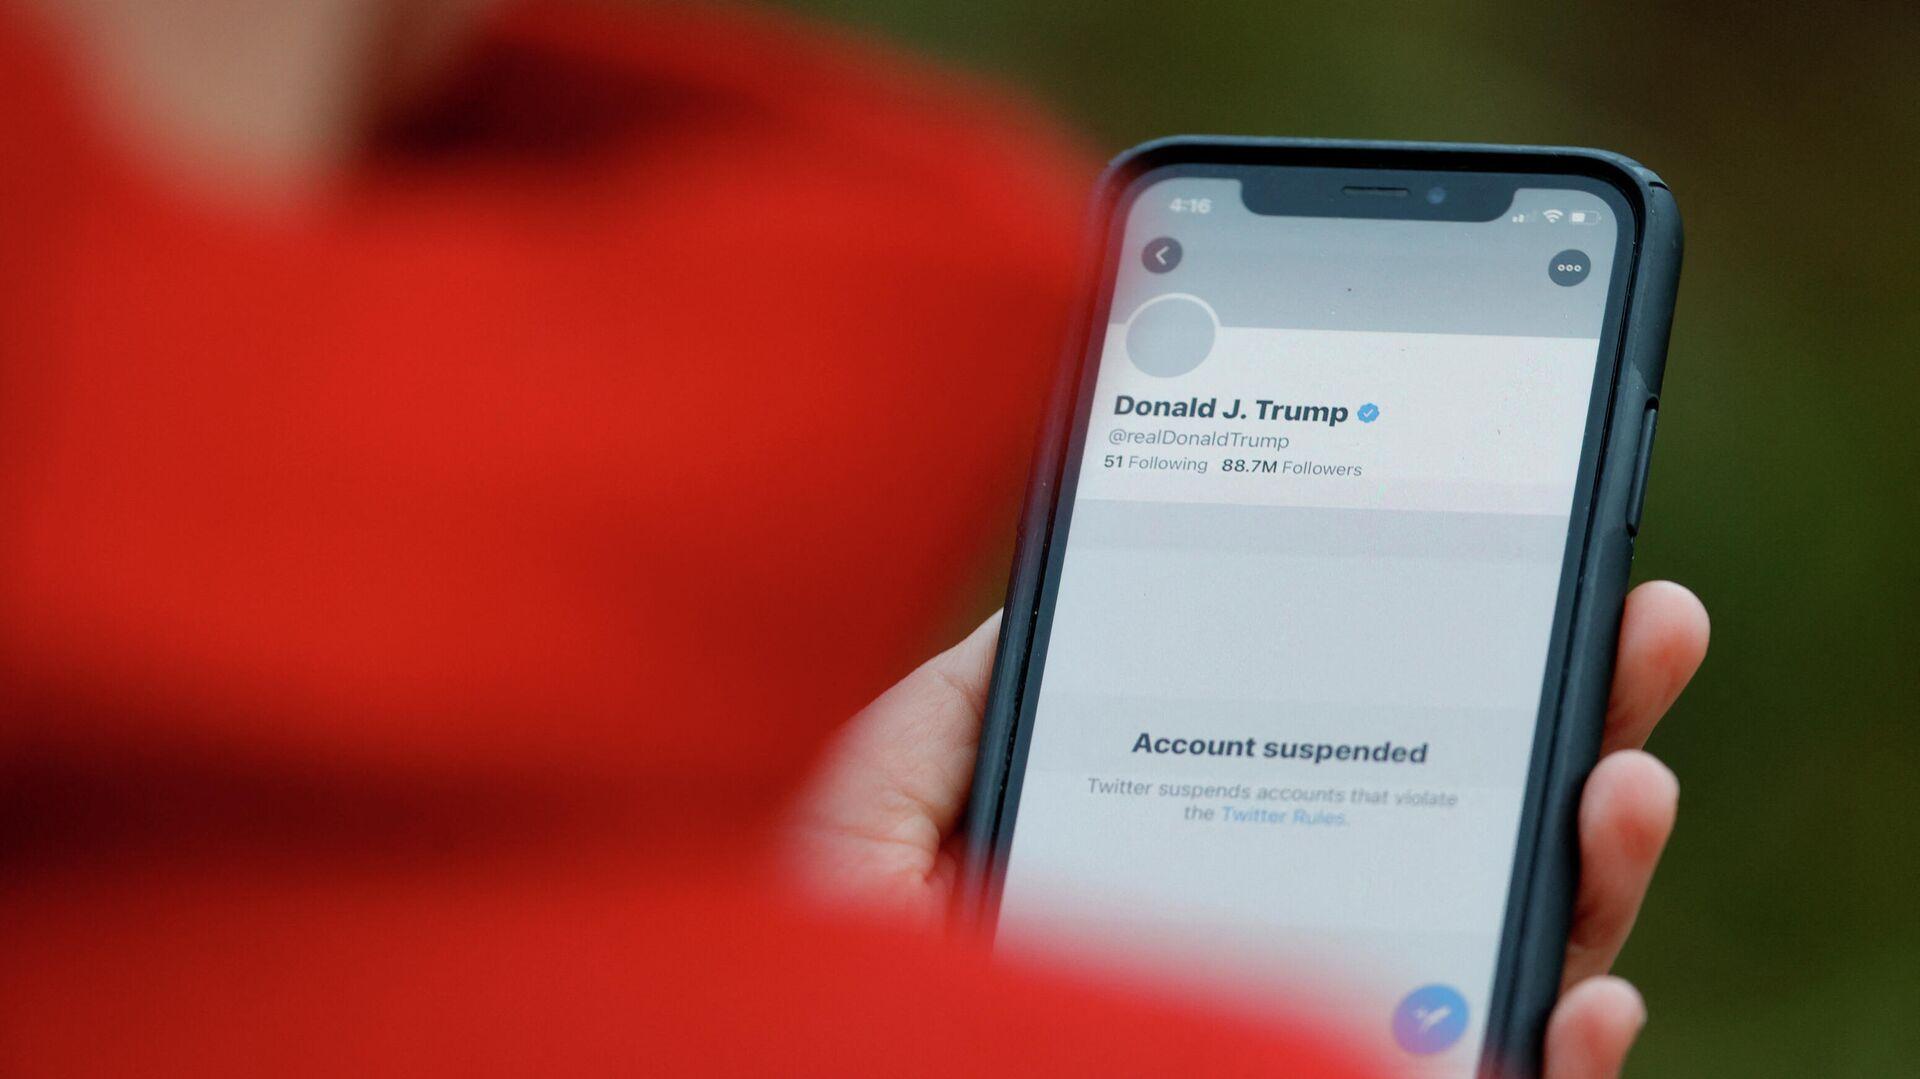 Заблокированный аккаунт Дональда Трампа в социальной сети Twitter  - РИА Новости, 1920, 28.04.2021